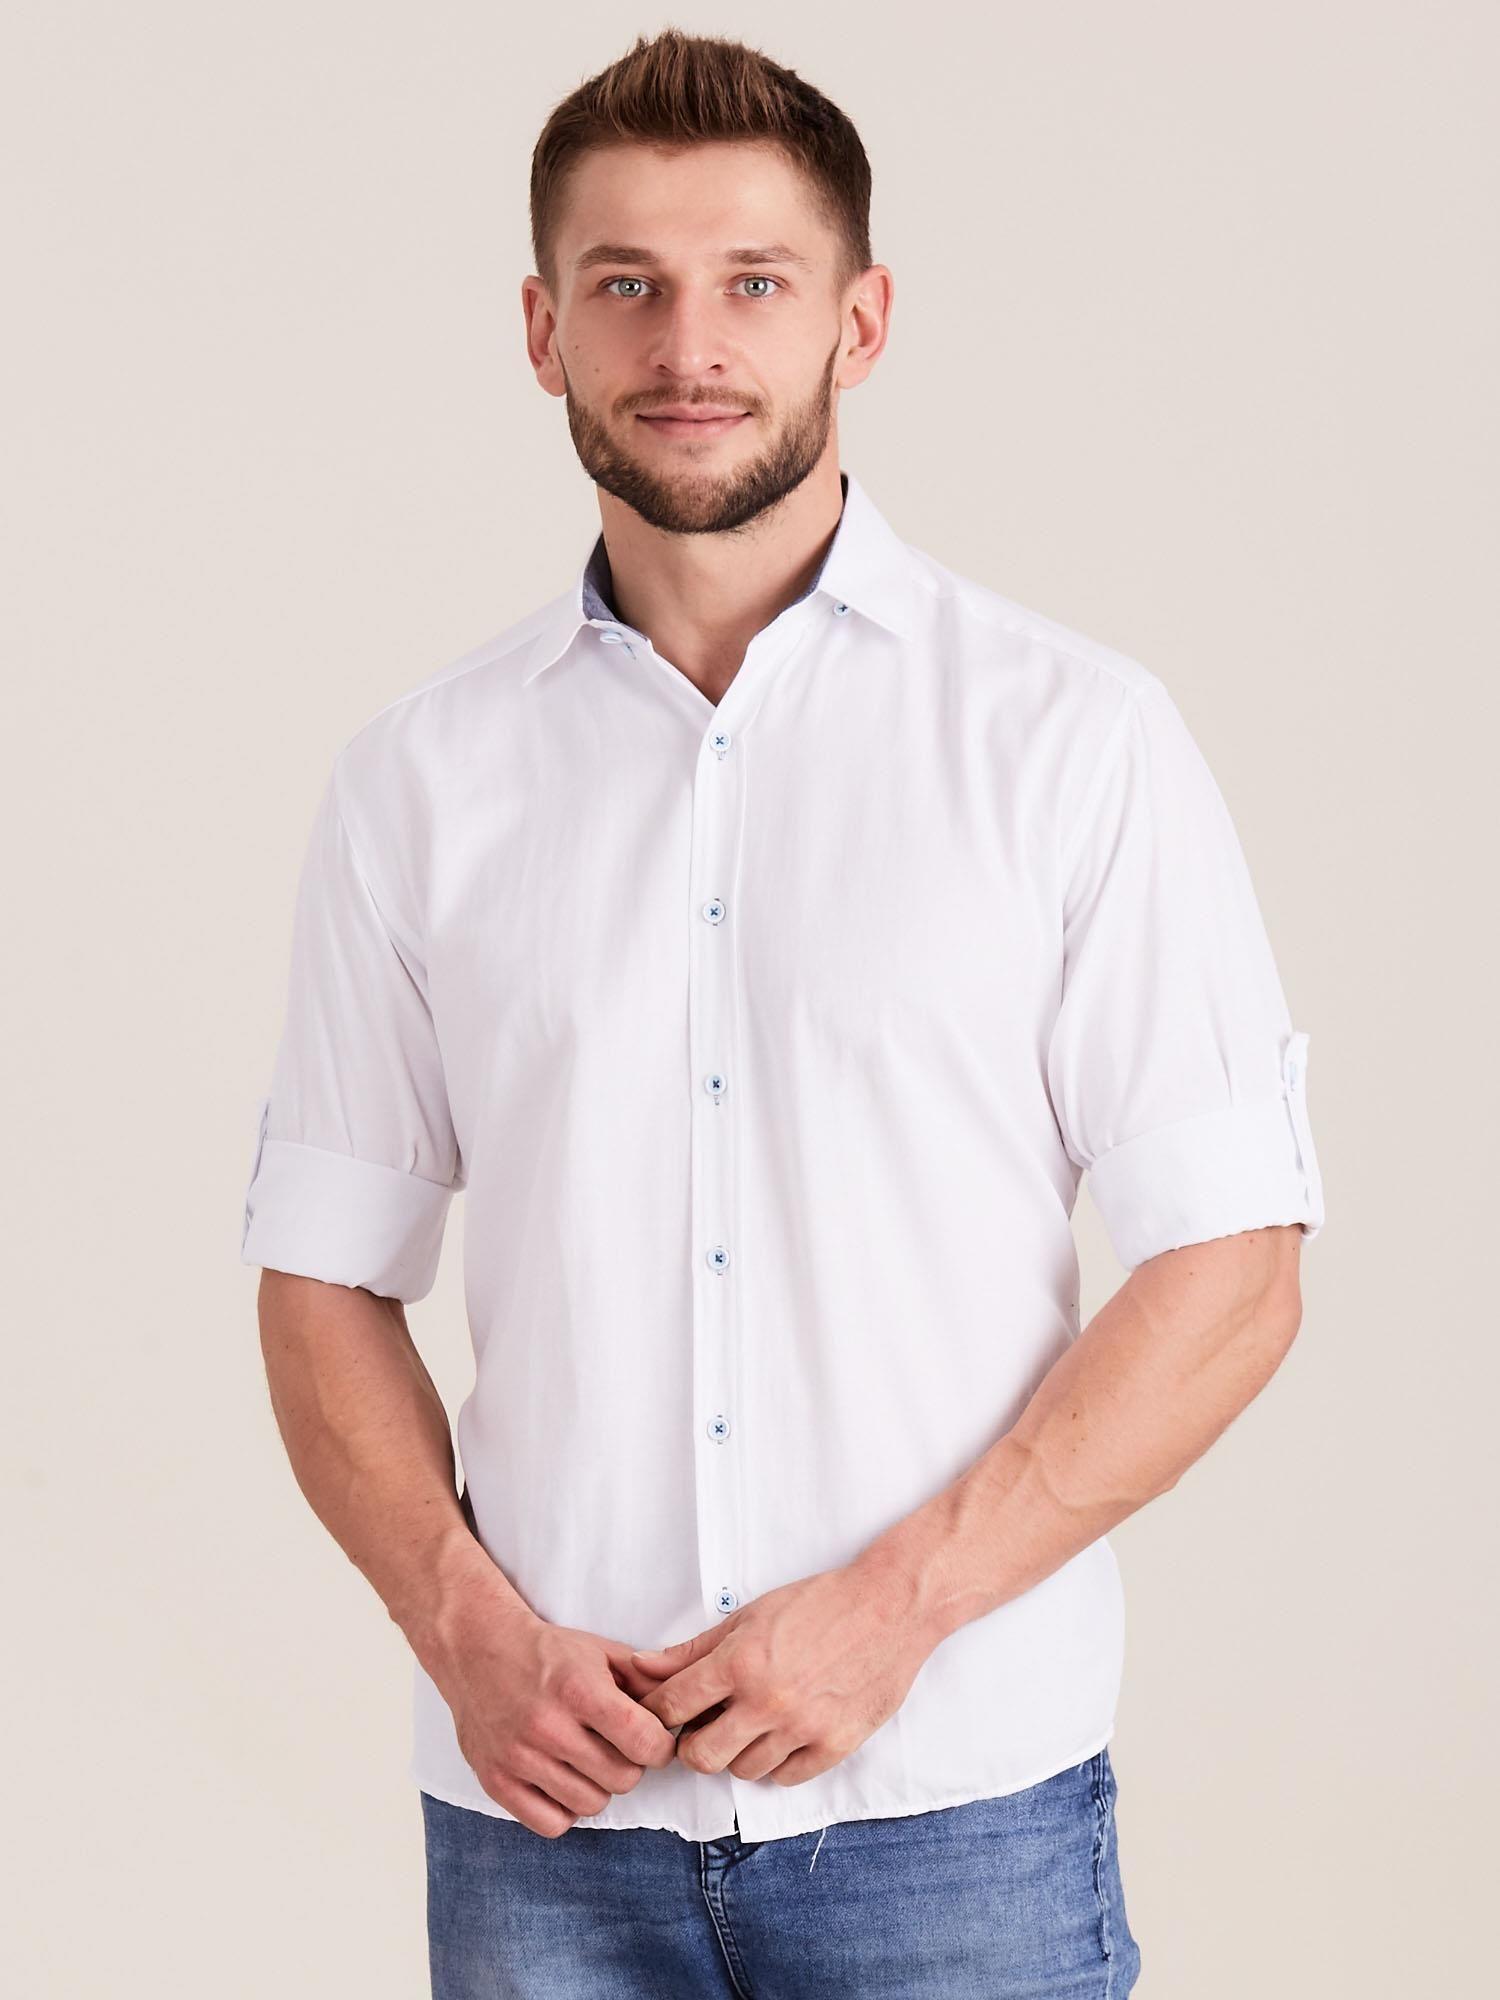 e60e8c310434f1 Biała koszula męska o regularnym kroju - Mężczyźni koszula męska ...